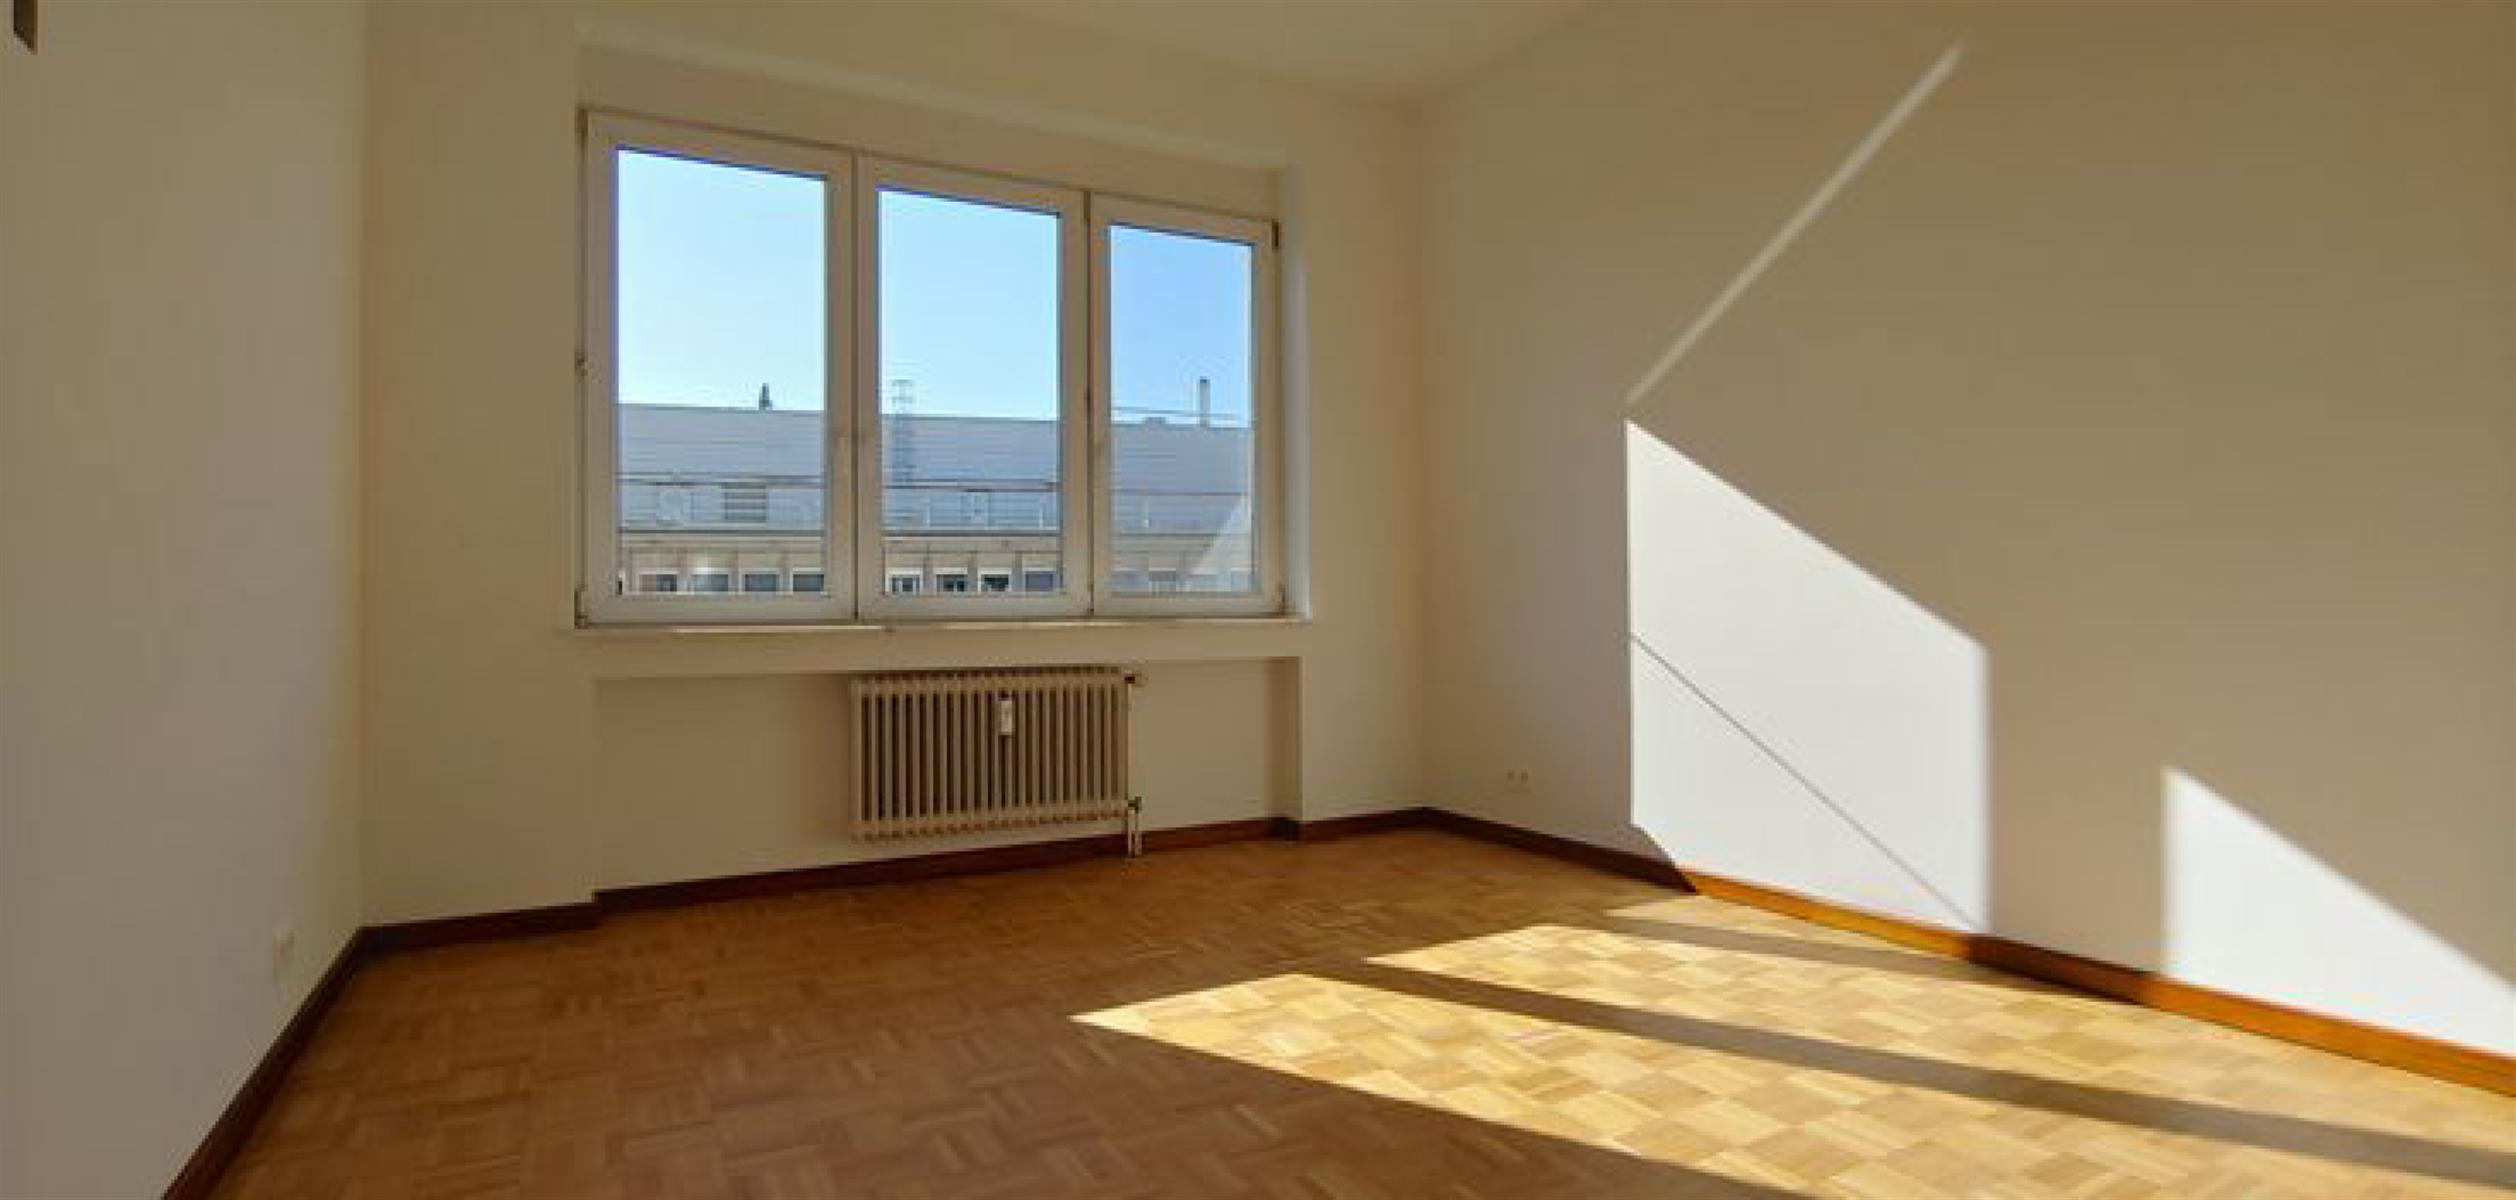 Appartement - Etterbeek - #4526474-11